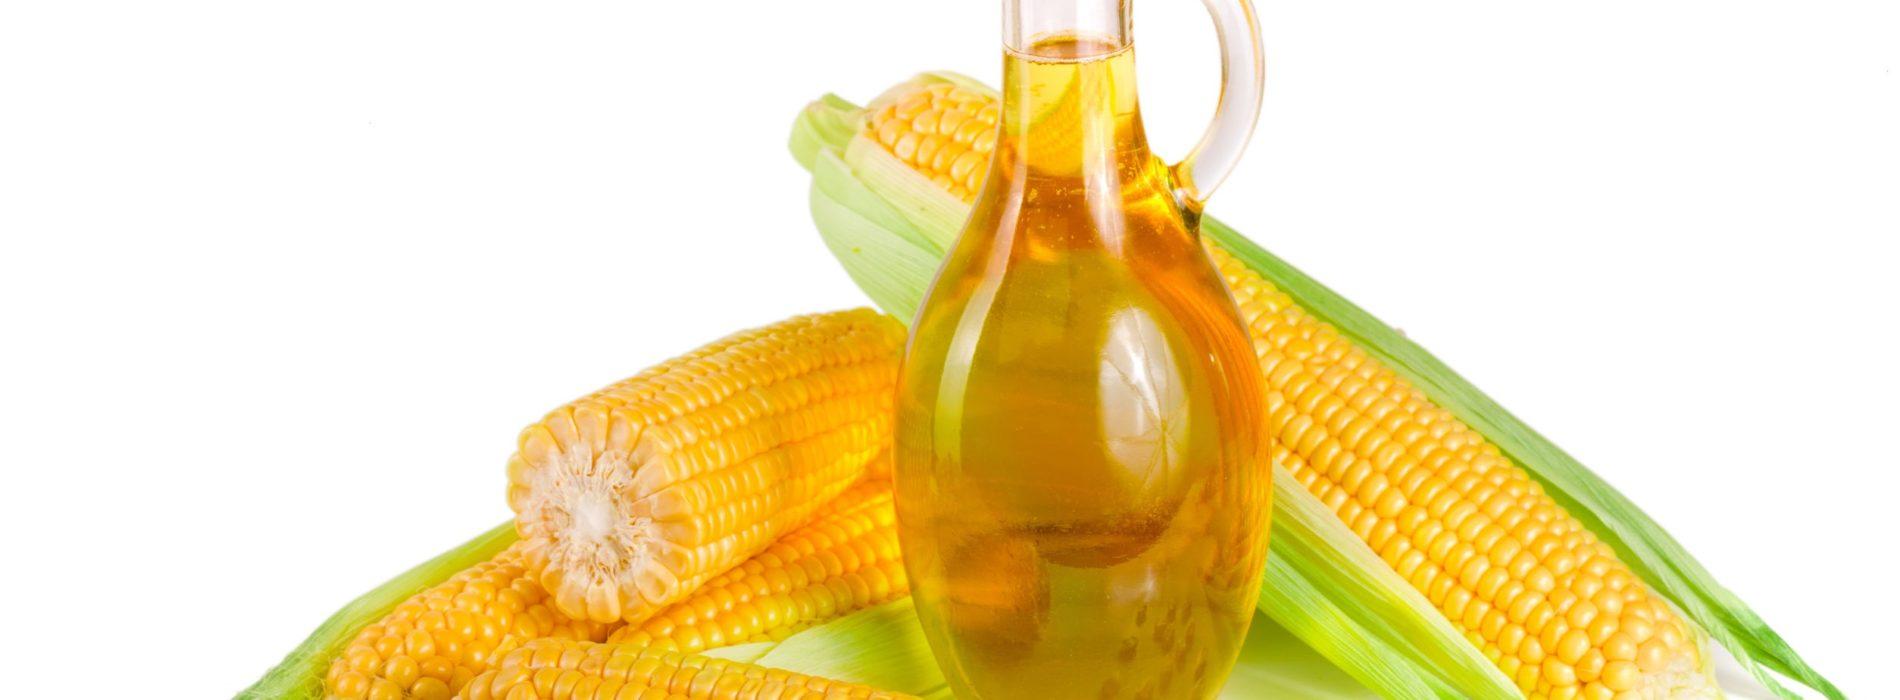 Olej kukurydziany – Co zawiera, jakie ma właściwości i zastosowanie?